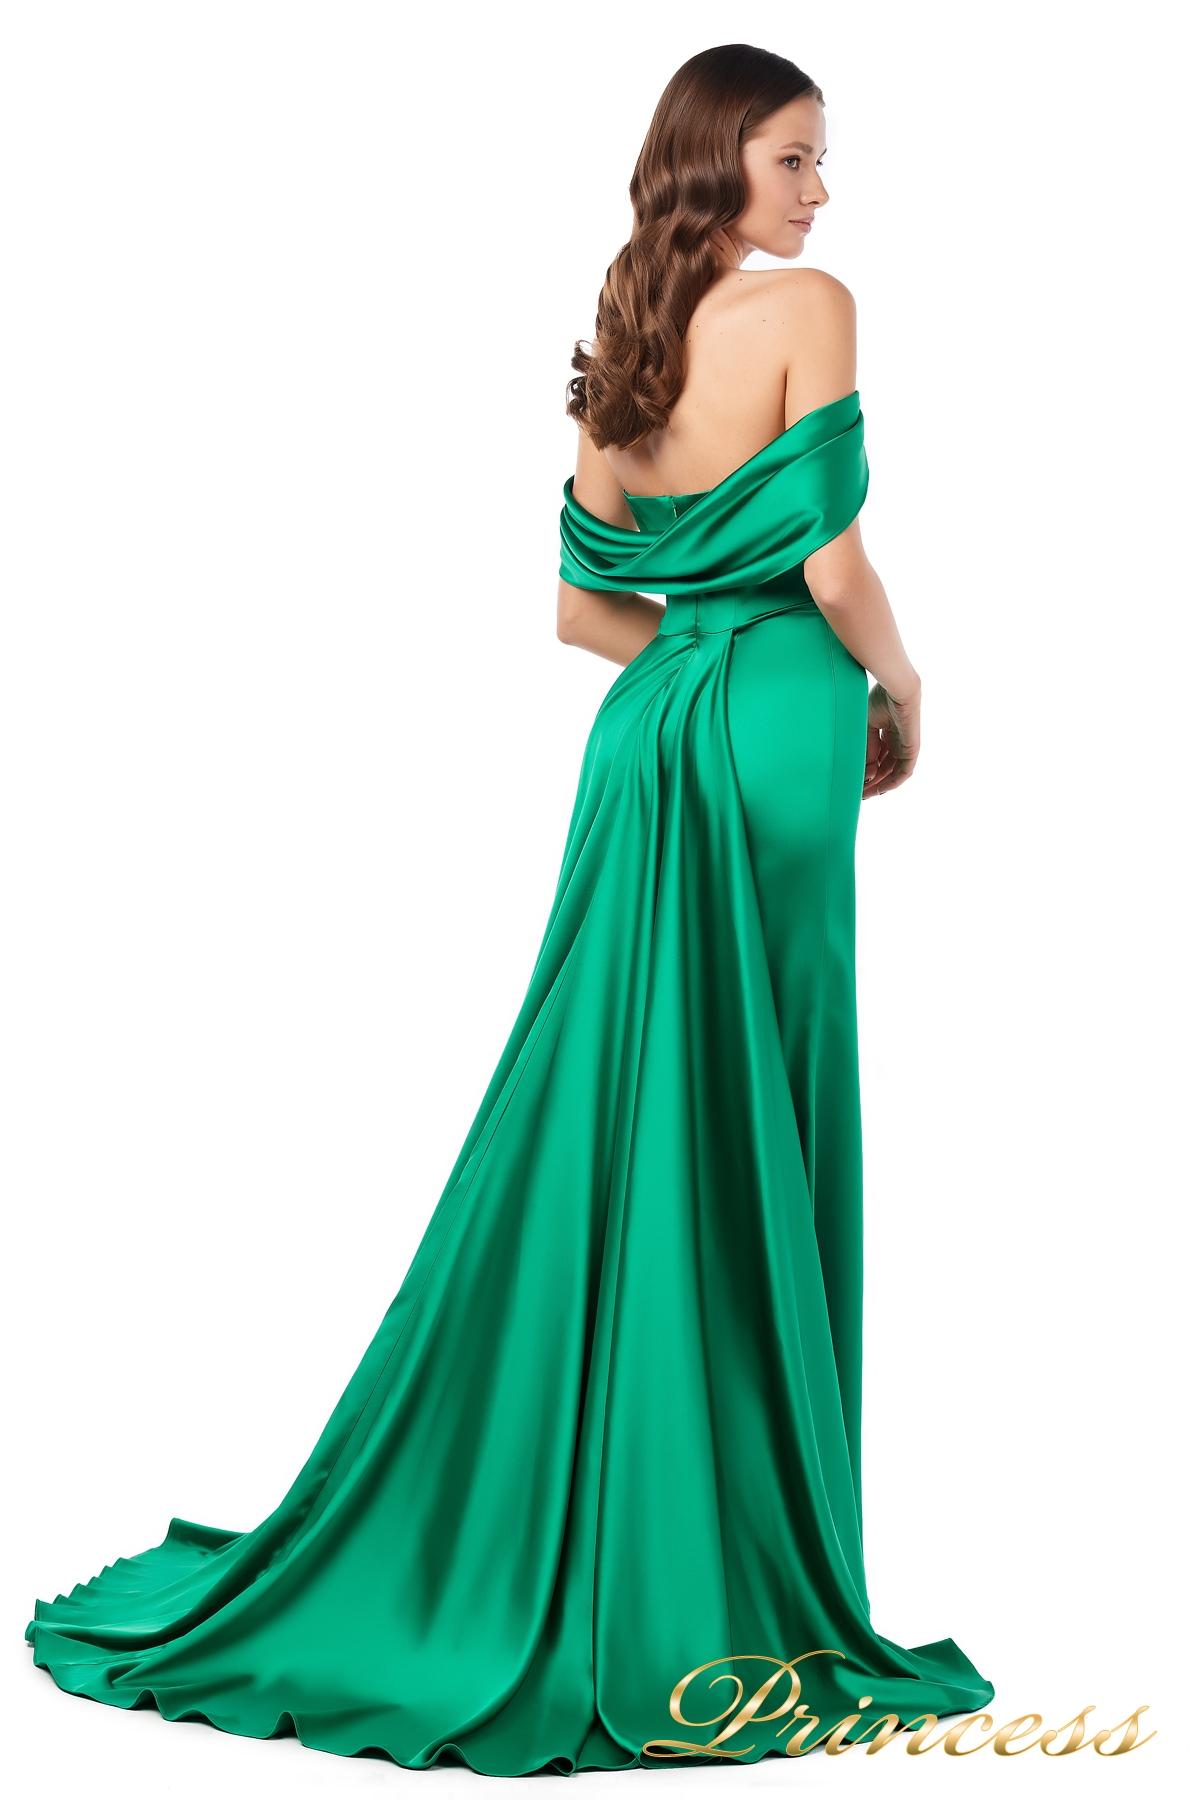 d7adf8f3361 Купить вечернее платье 18070 green зеленого цвета по цене 20500 руб ...